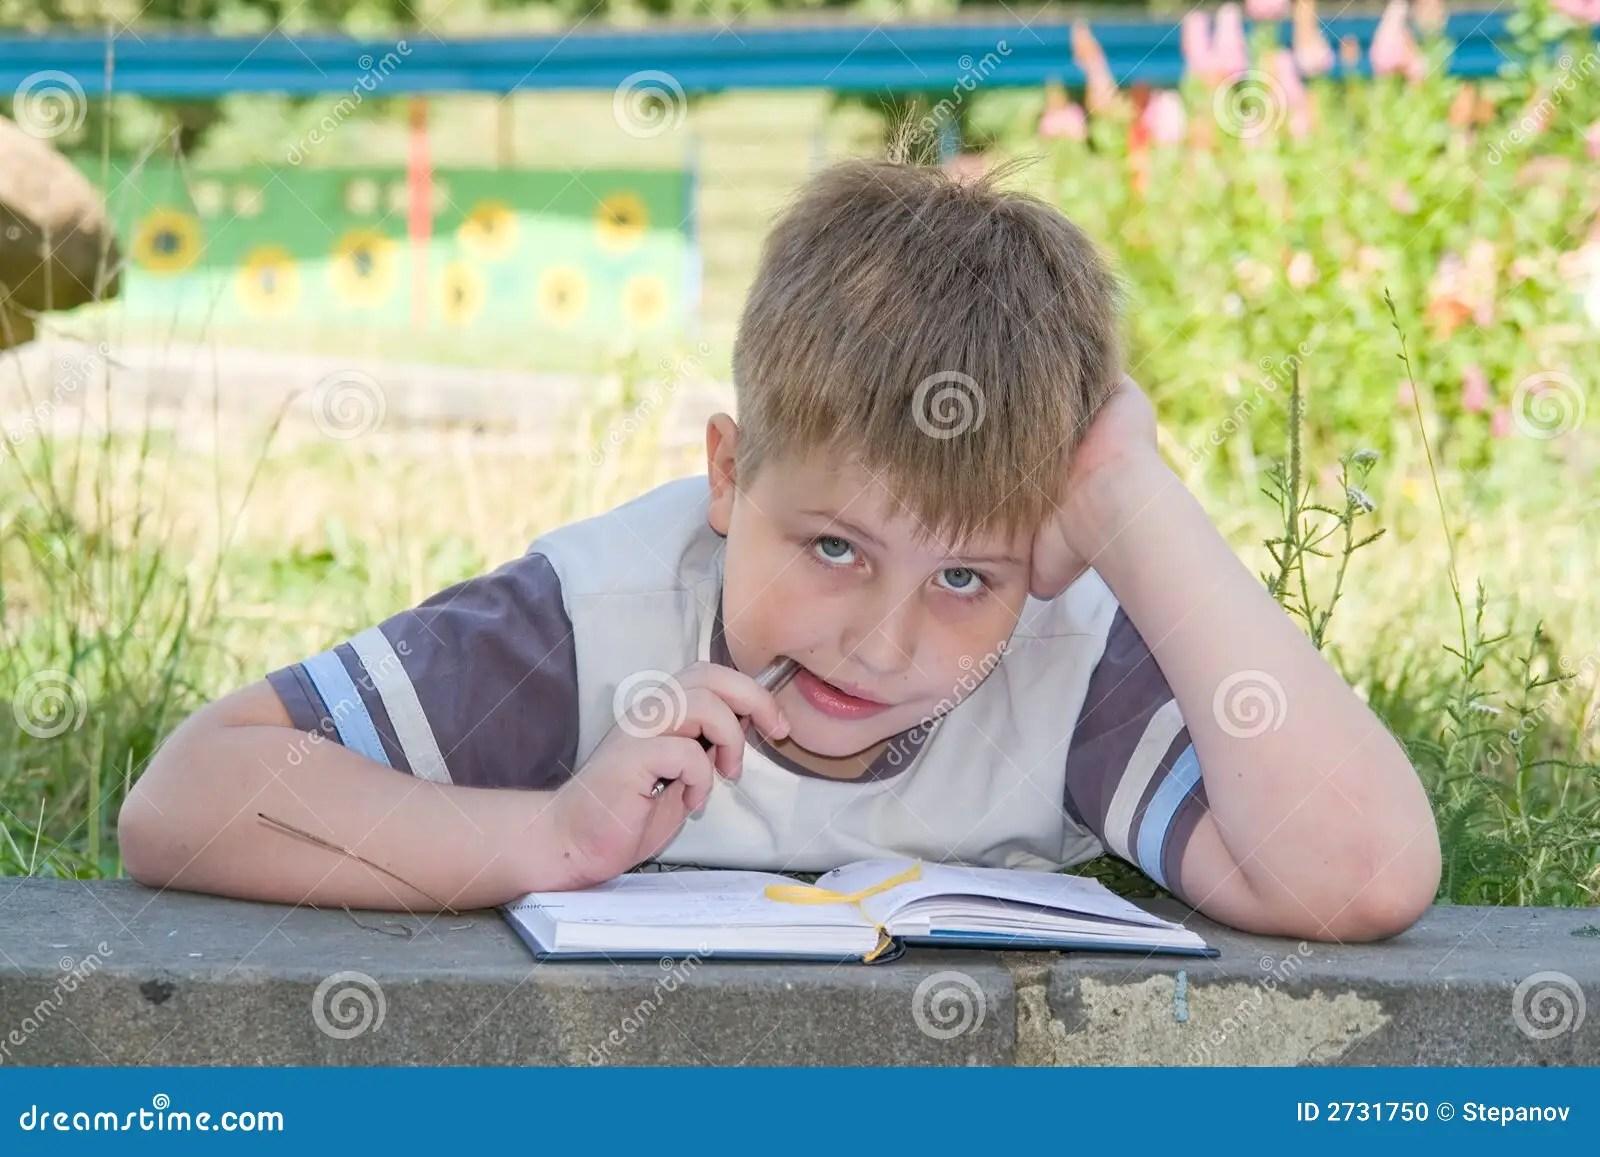 Boy Writes To Writing Books Stock Photo